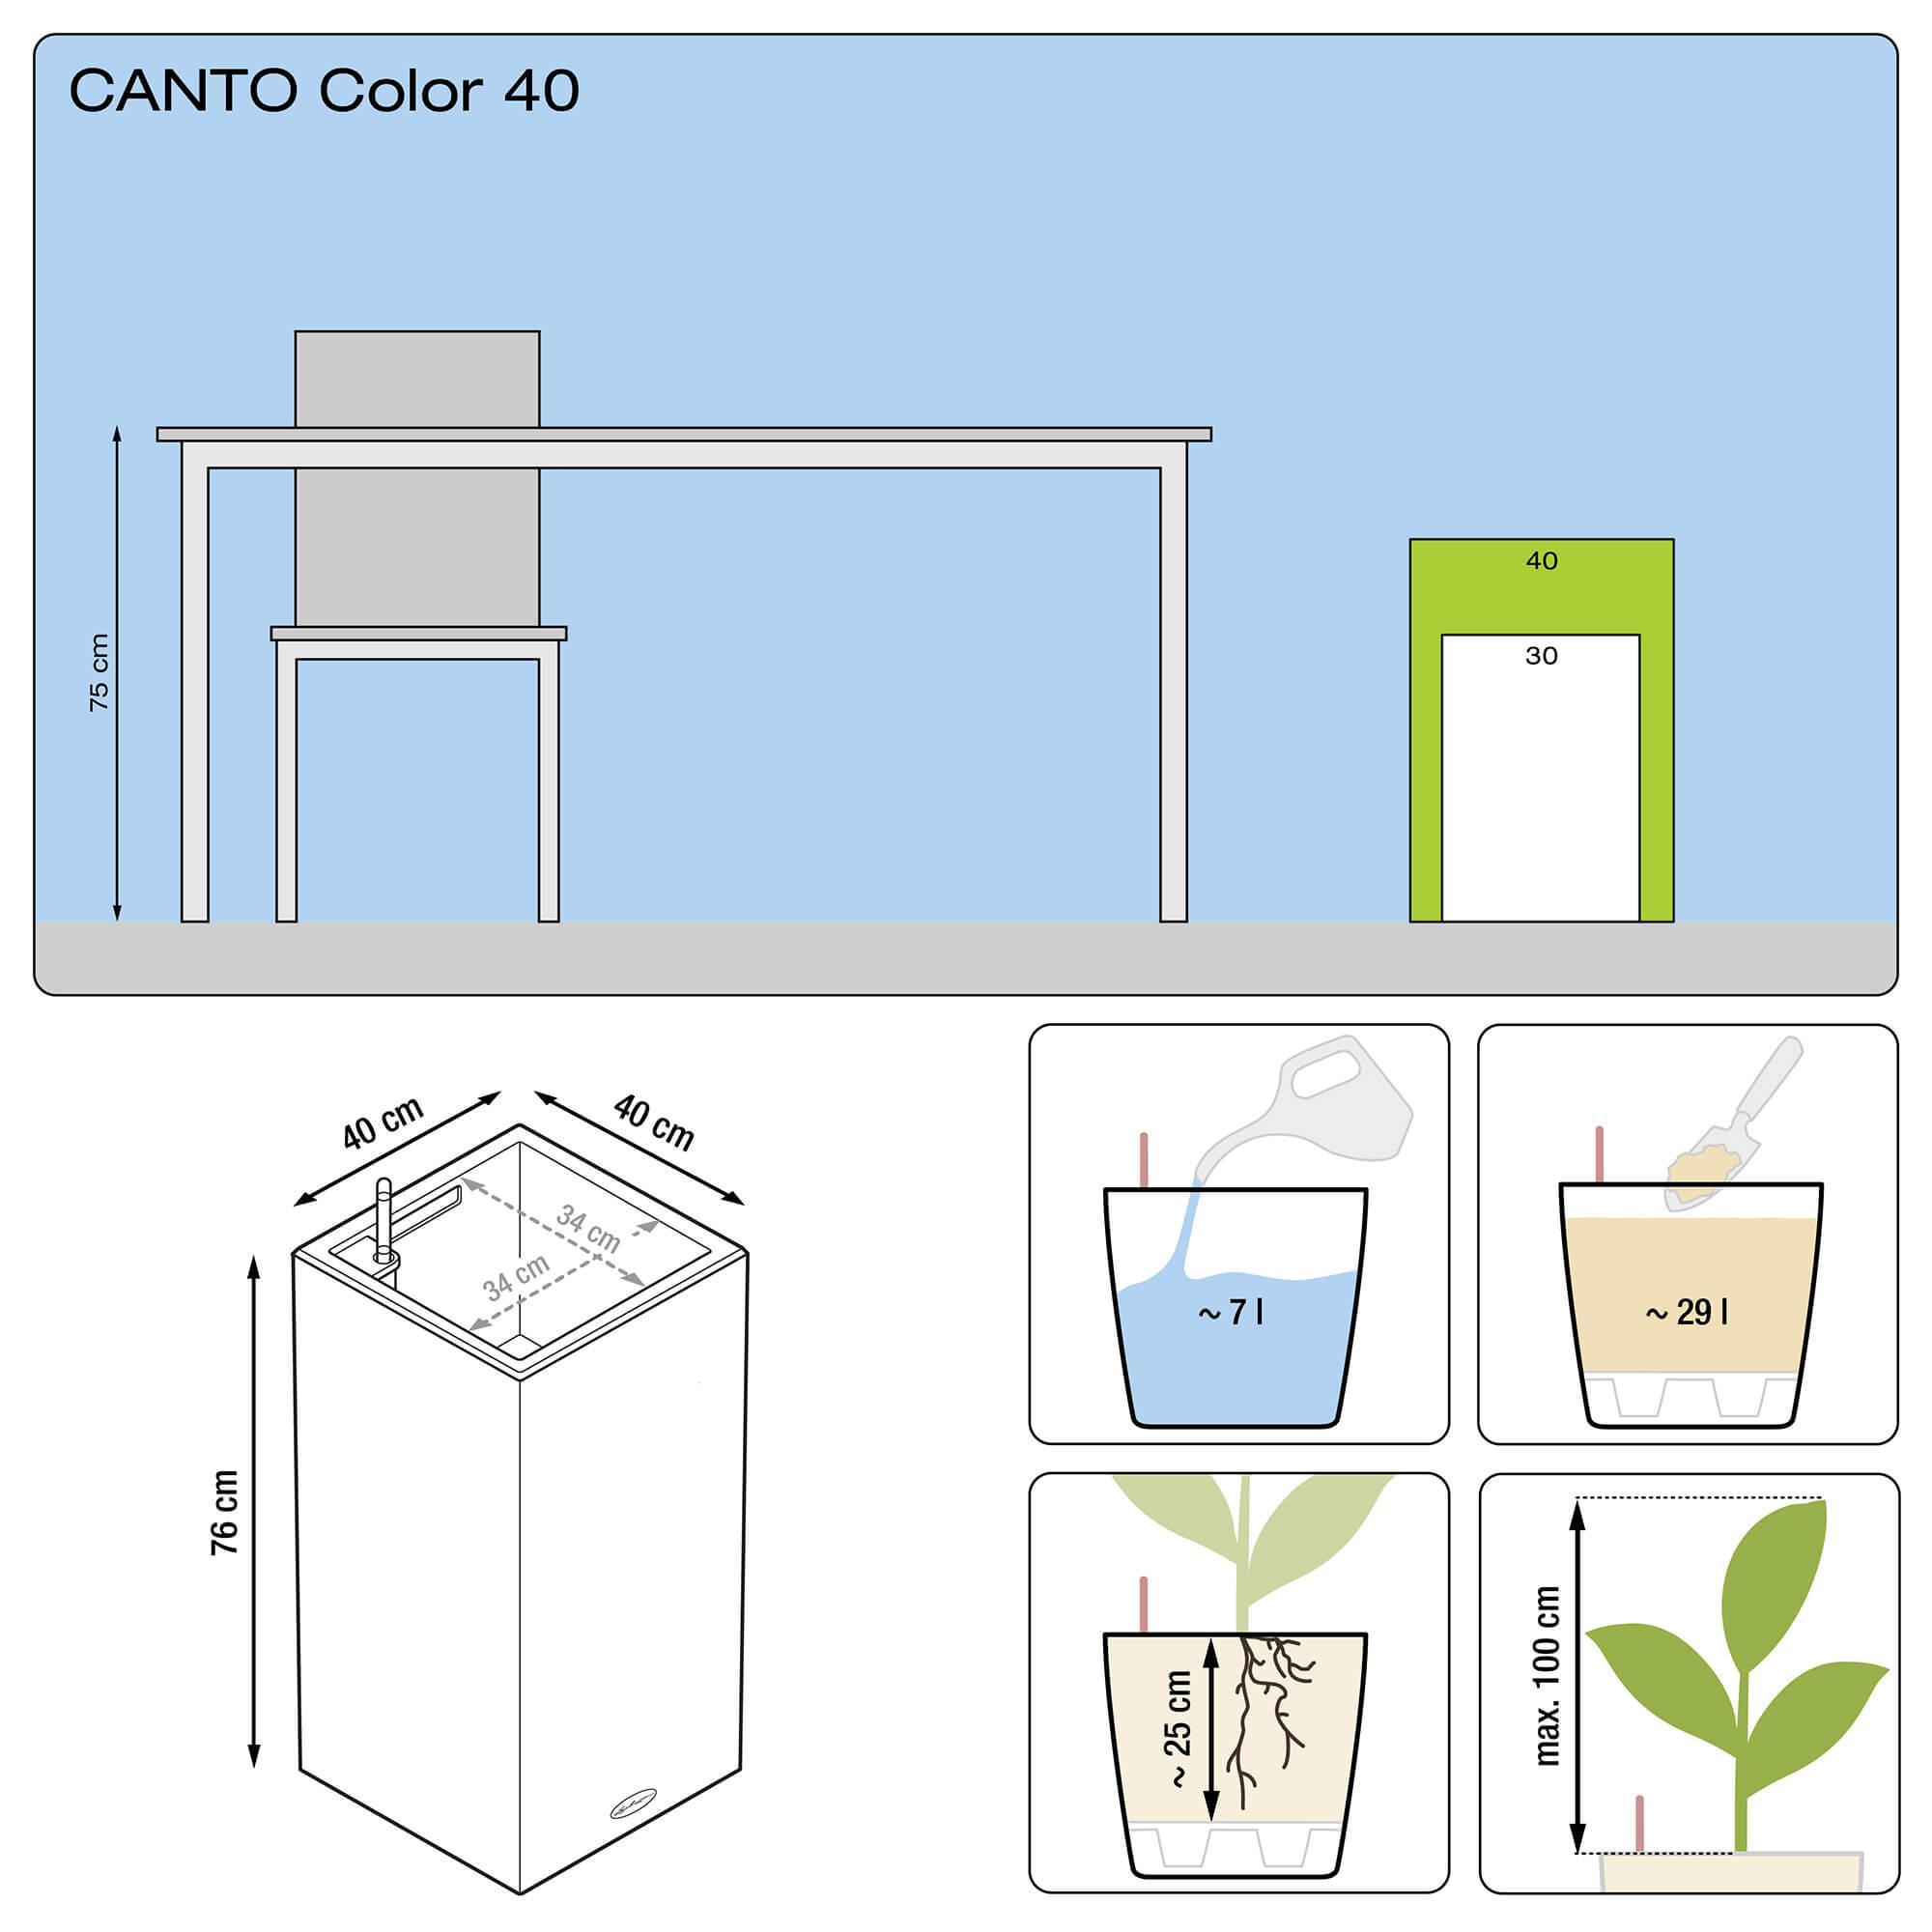 le_canto-color-saeule40_product_addi_nz